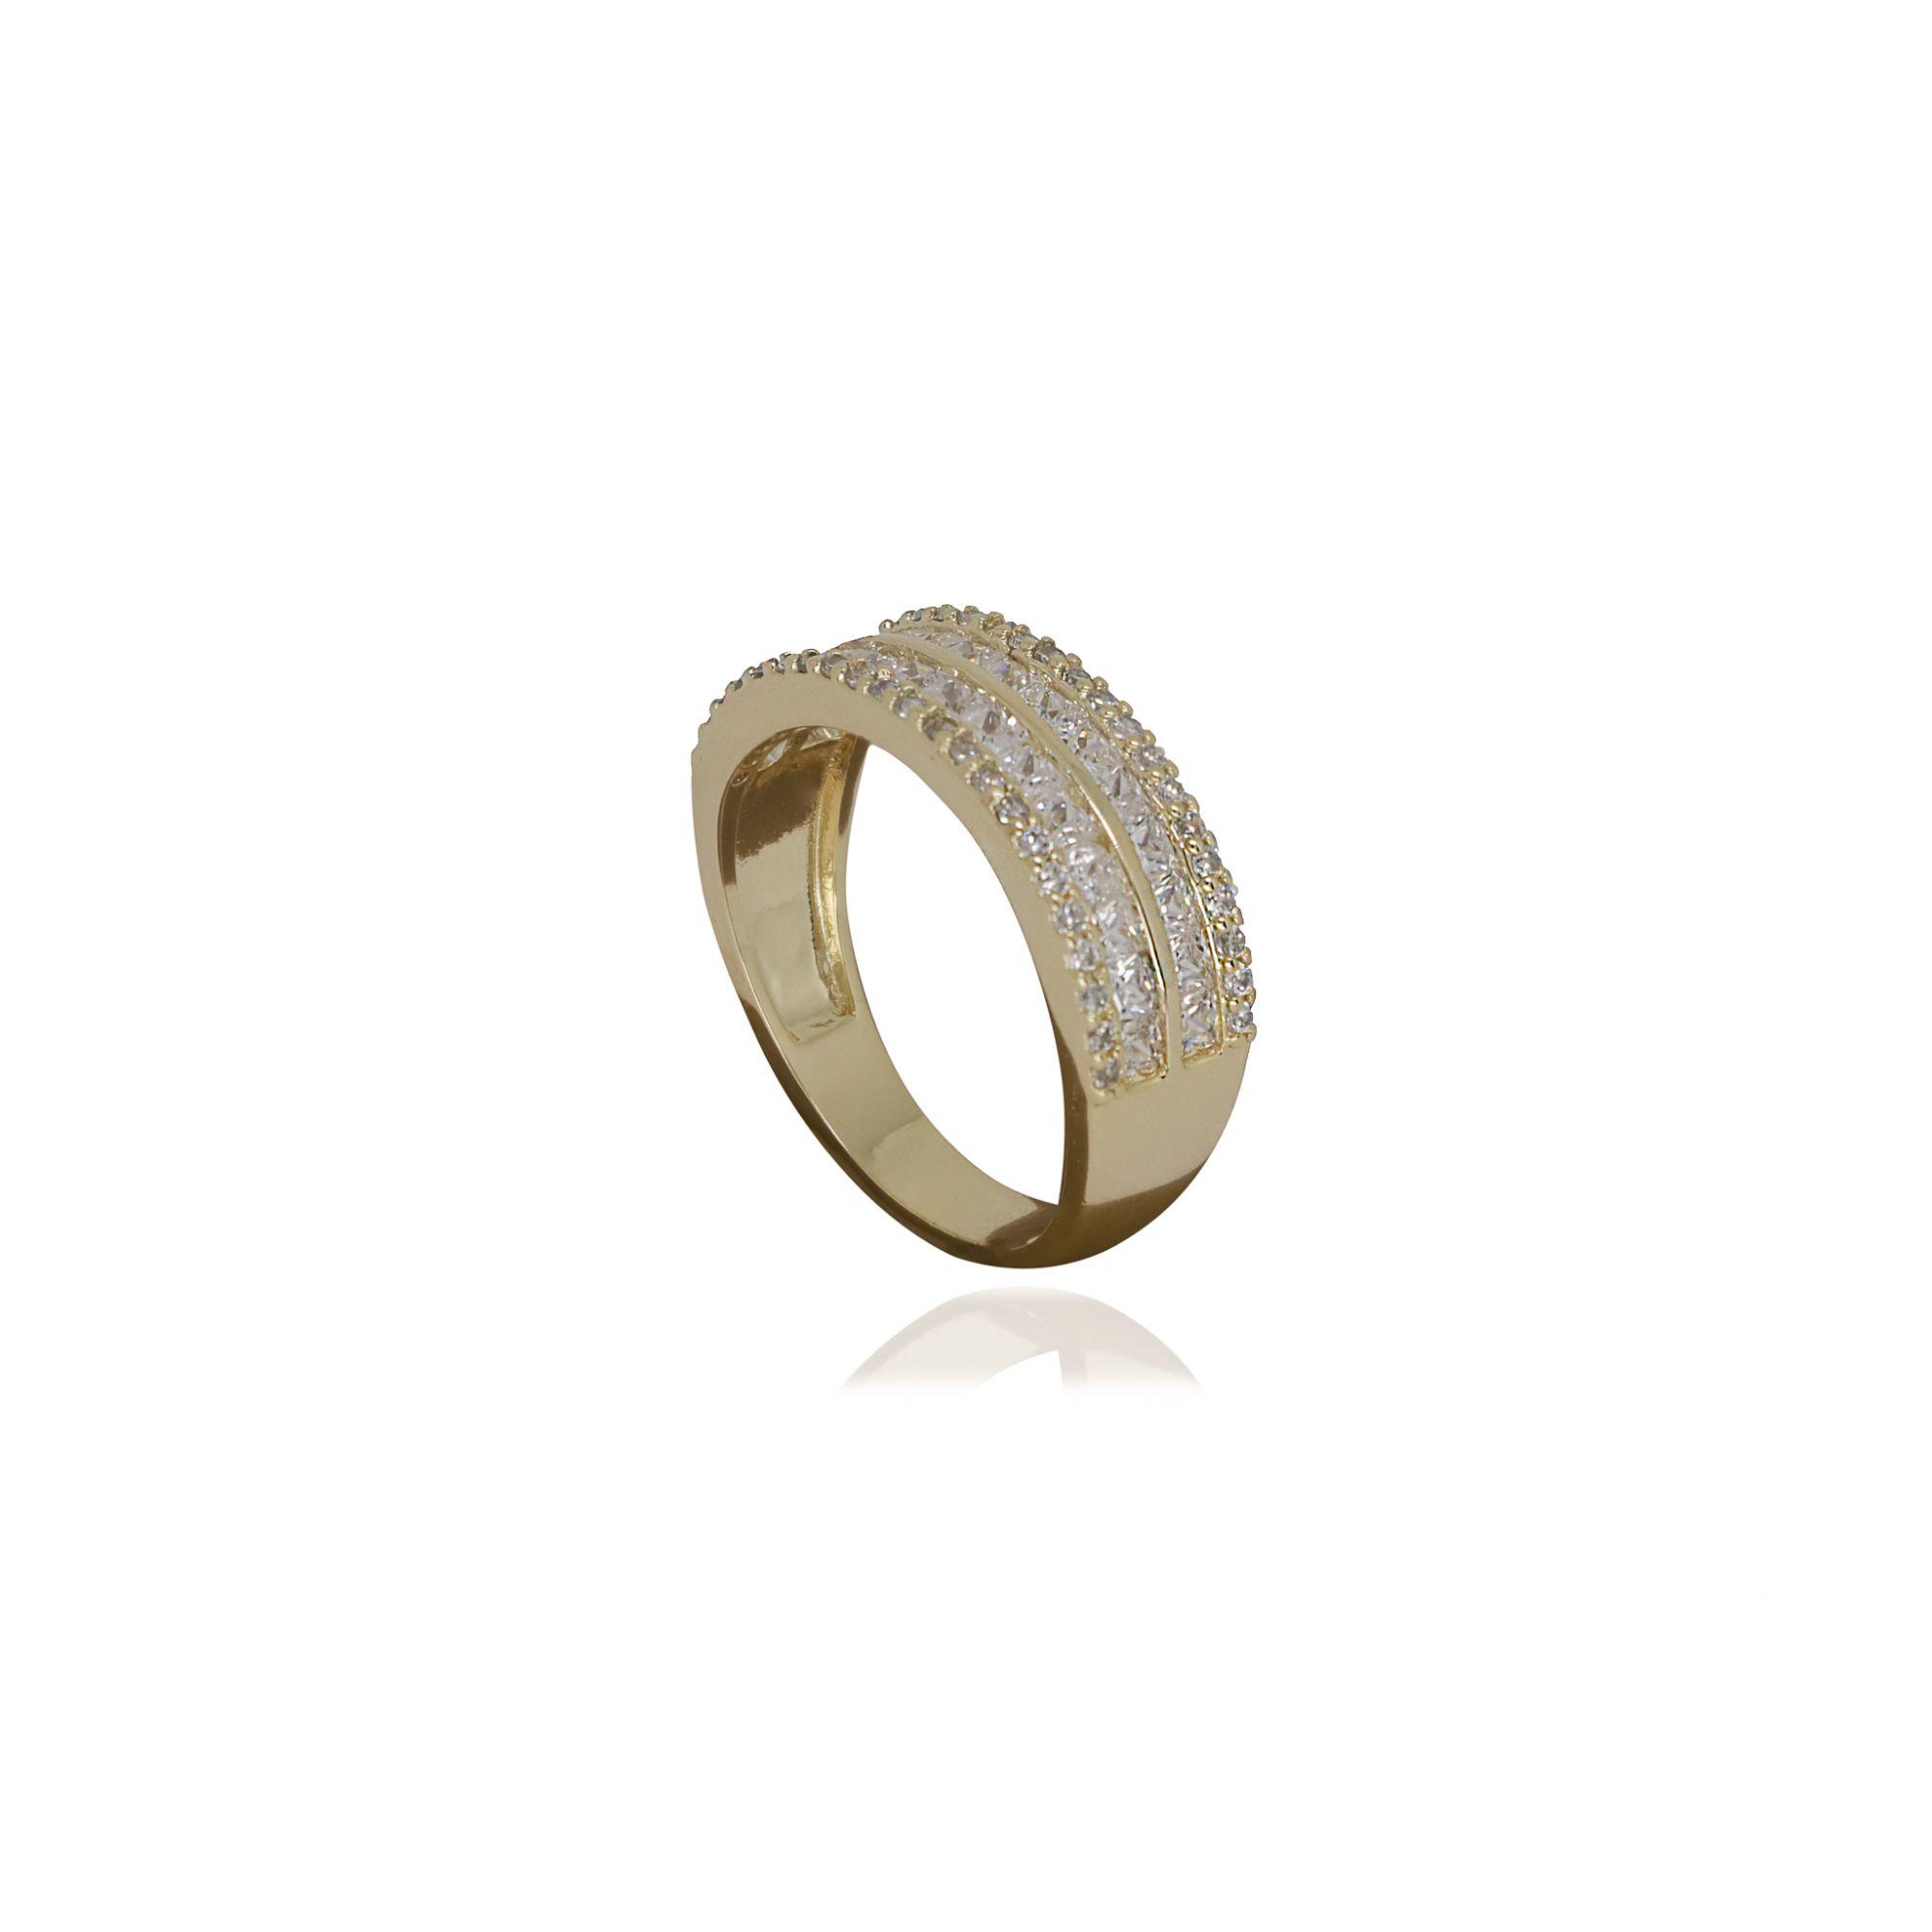 Anel semijoia aliança dupla em zircônia e folheado a ouro 18k ou rhodium